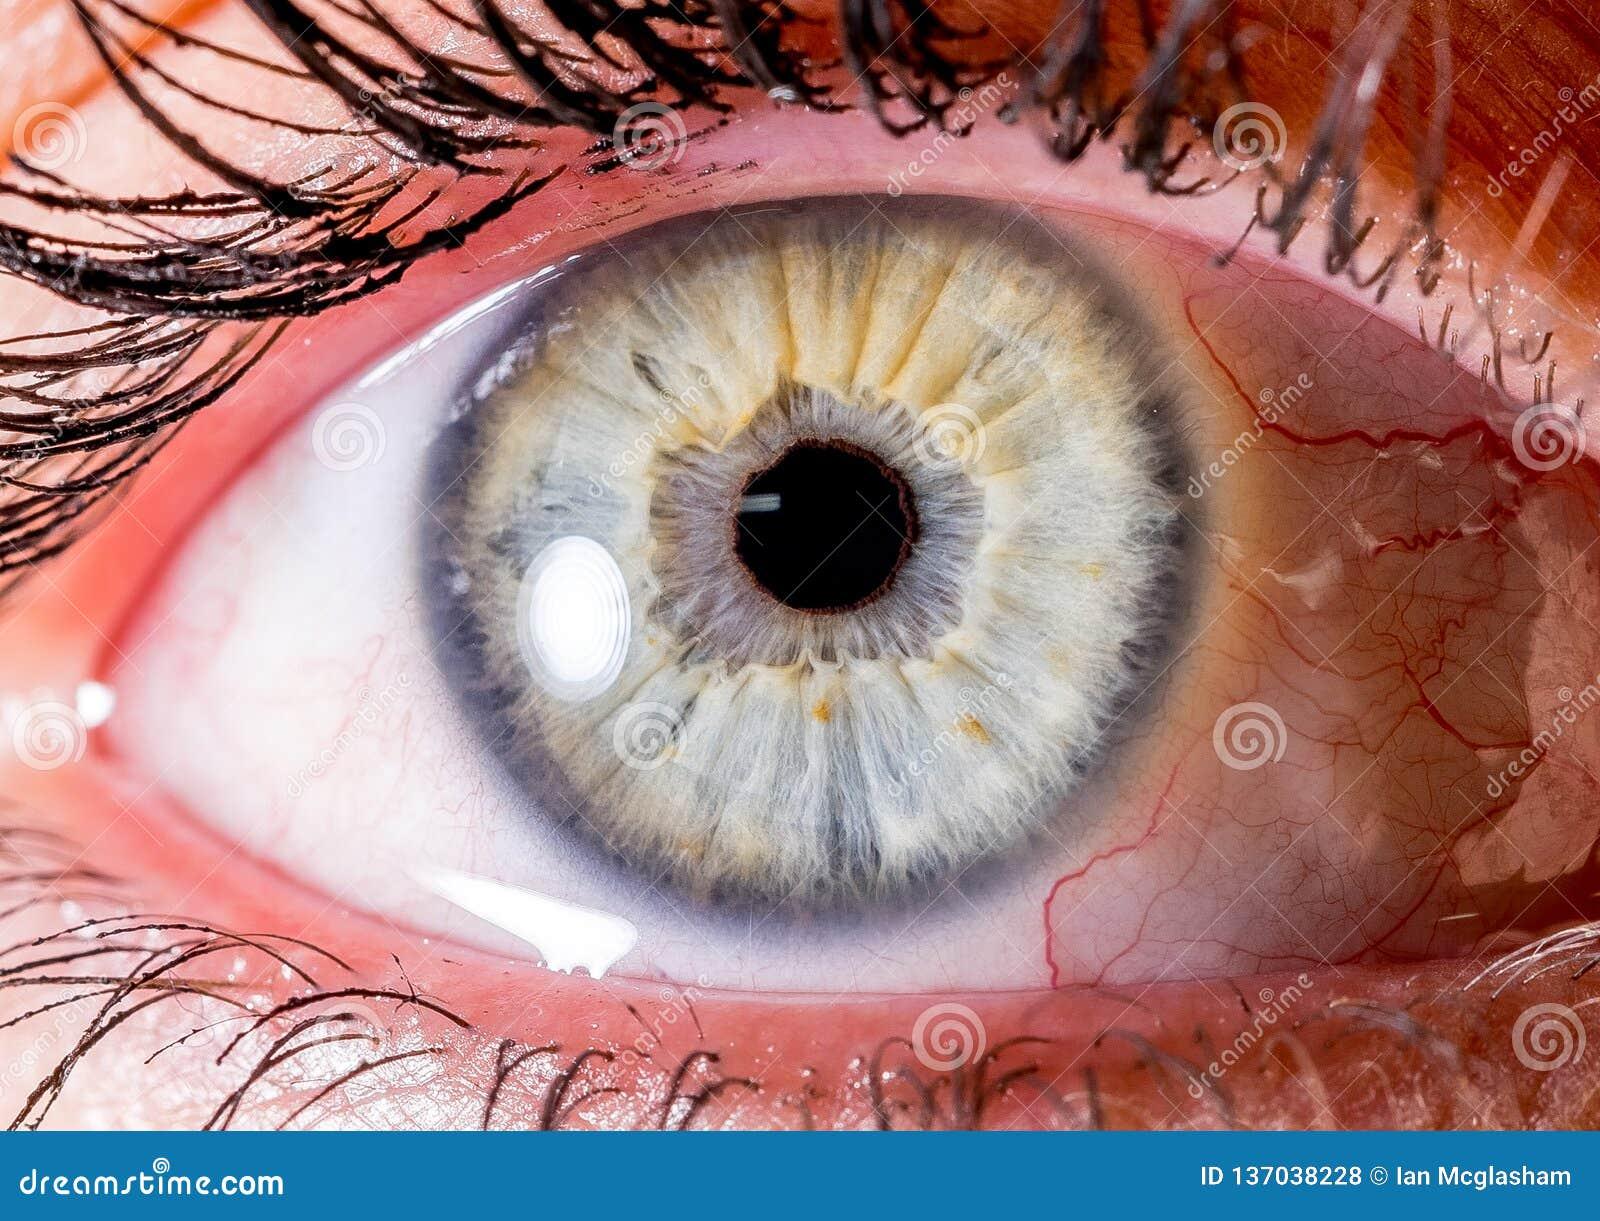 Fotografia dell iride Macro colpo vicino di un bulbo oculare molto blu-chiaro e bianco o giallo con il cratere